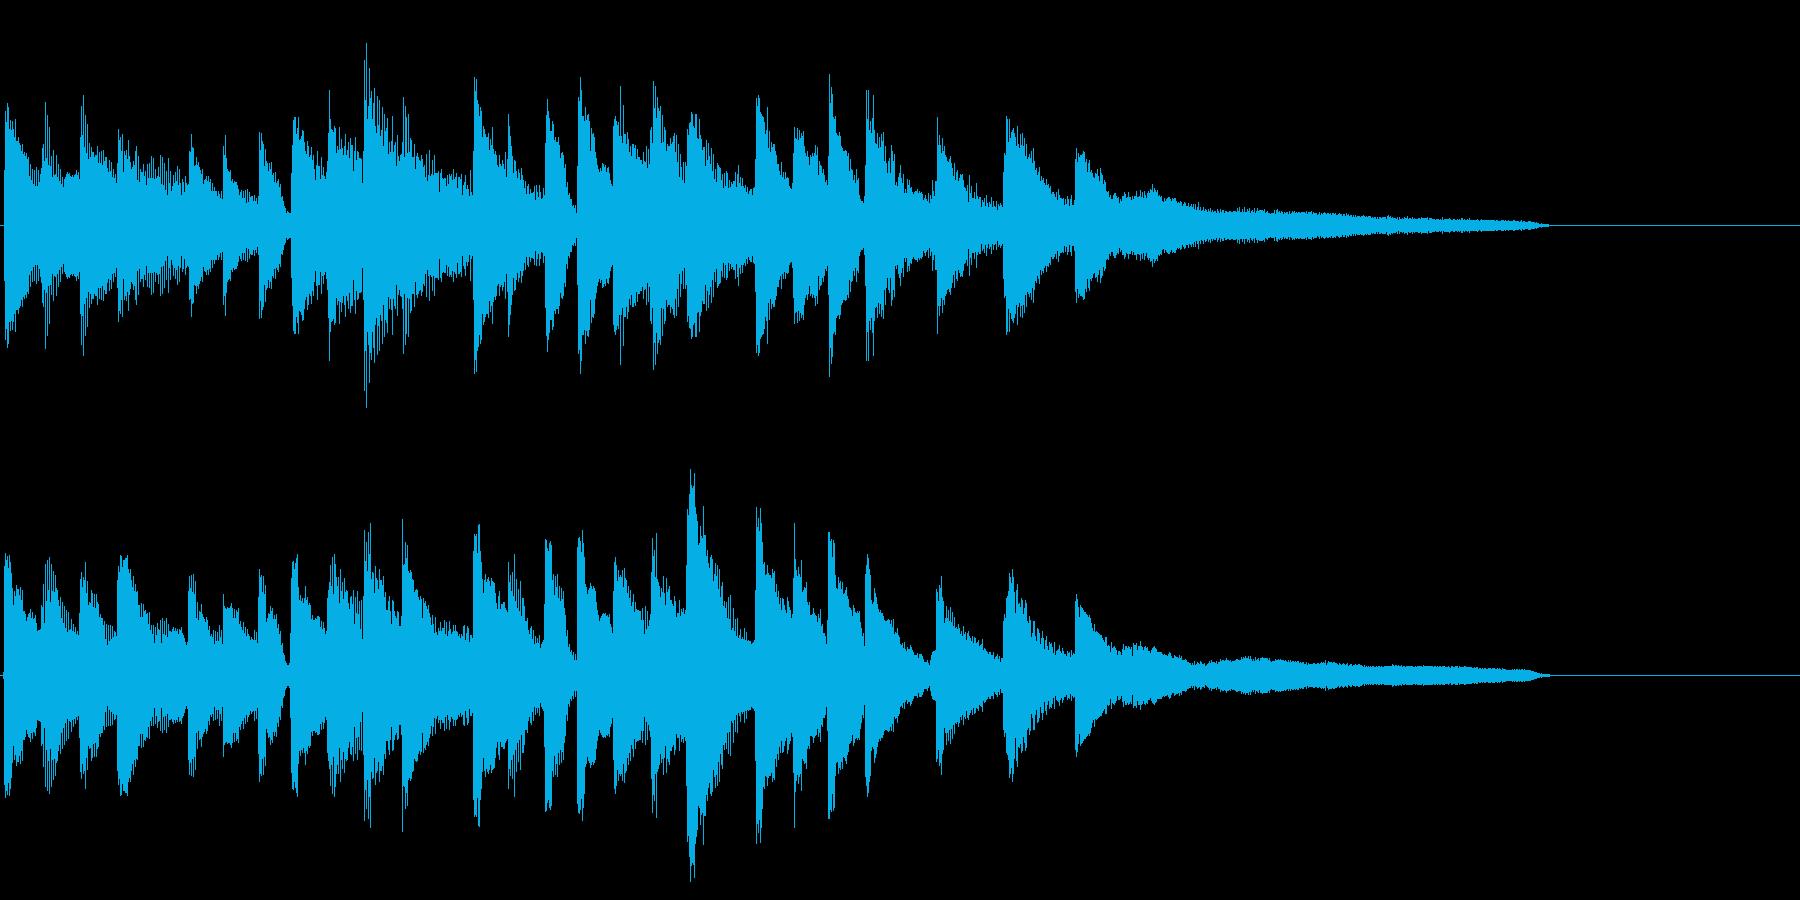 綺麗・爽やかなピアノソロのサウンドロゴの再生済みの波形